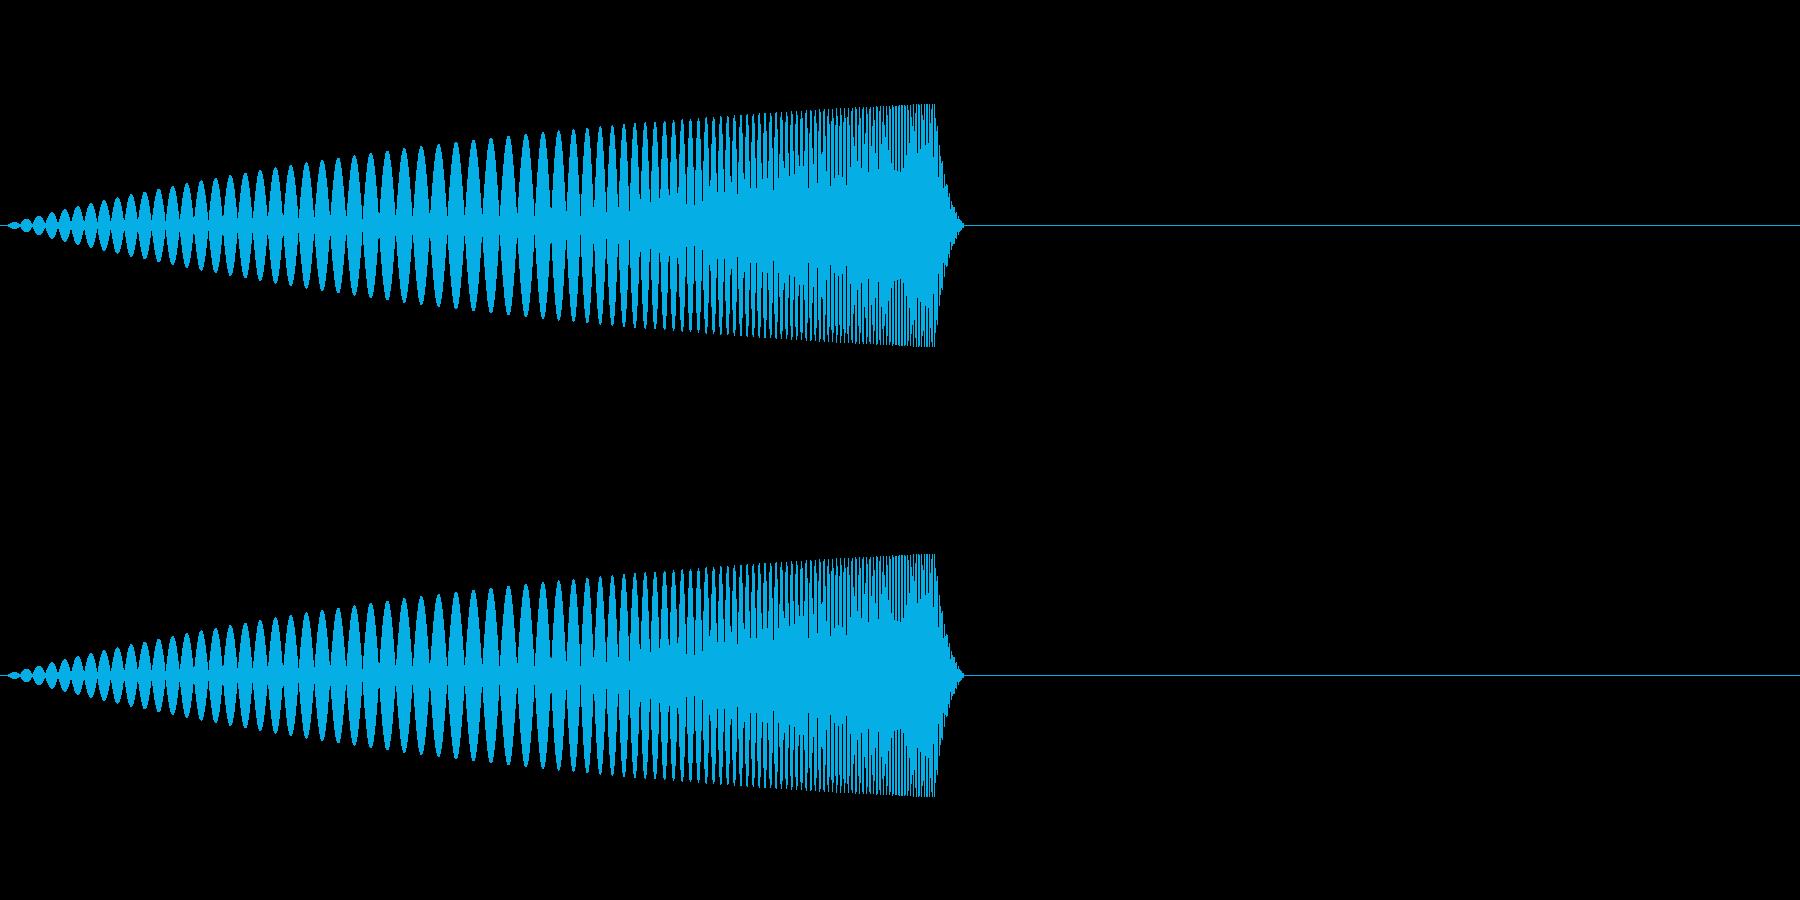 クリック、ボタン、ファンシーな足音1の再生済みの波形